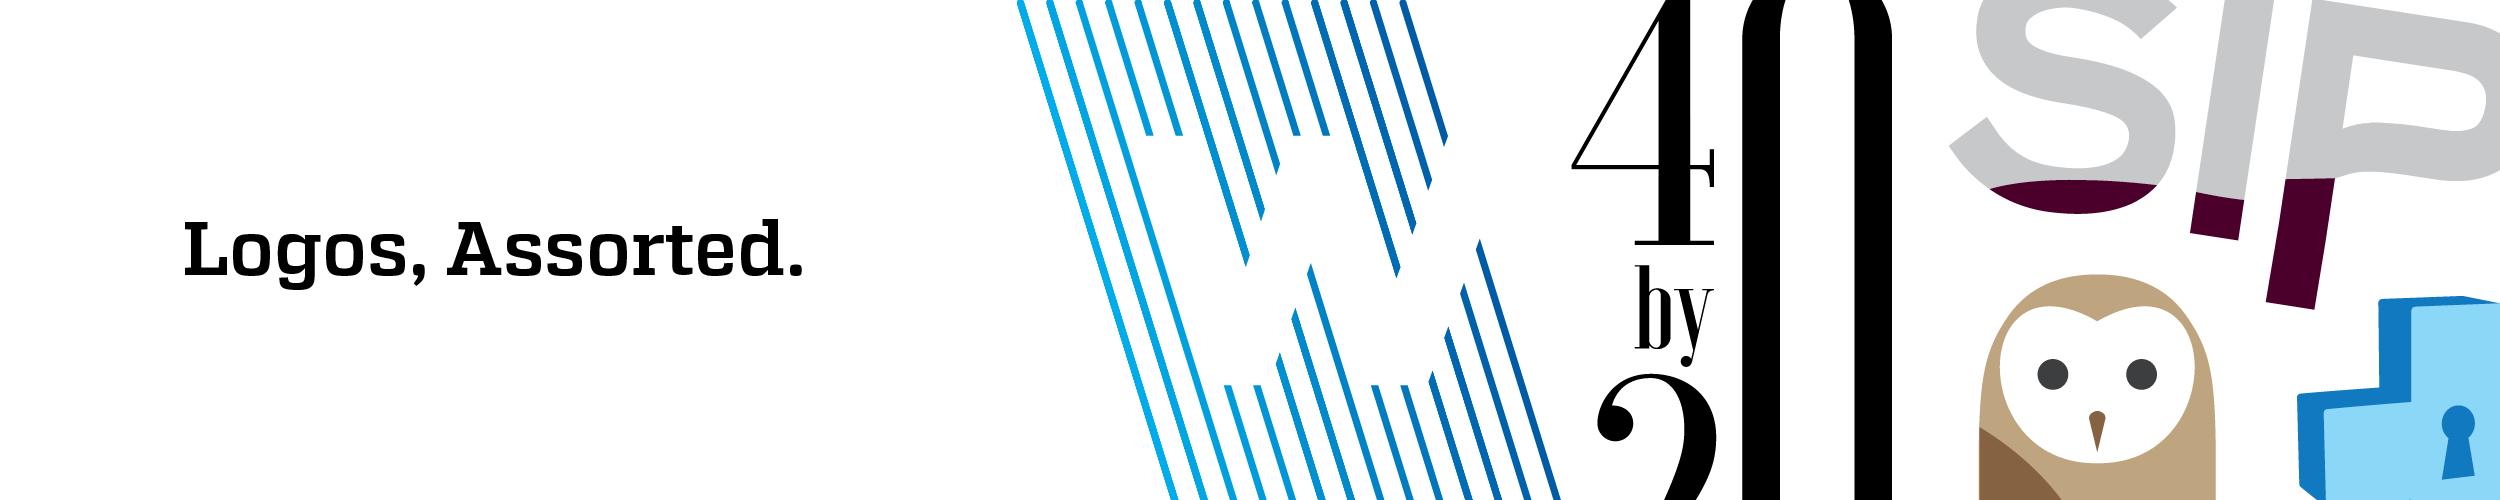 LogoPages_Header.jpg